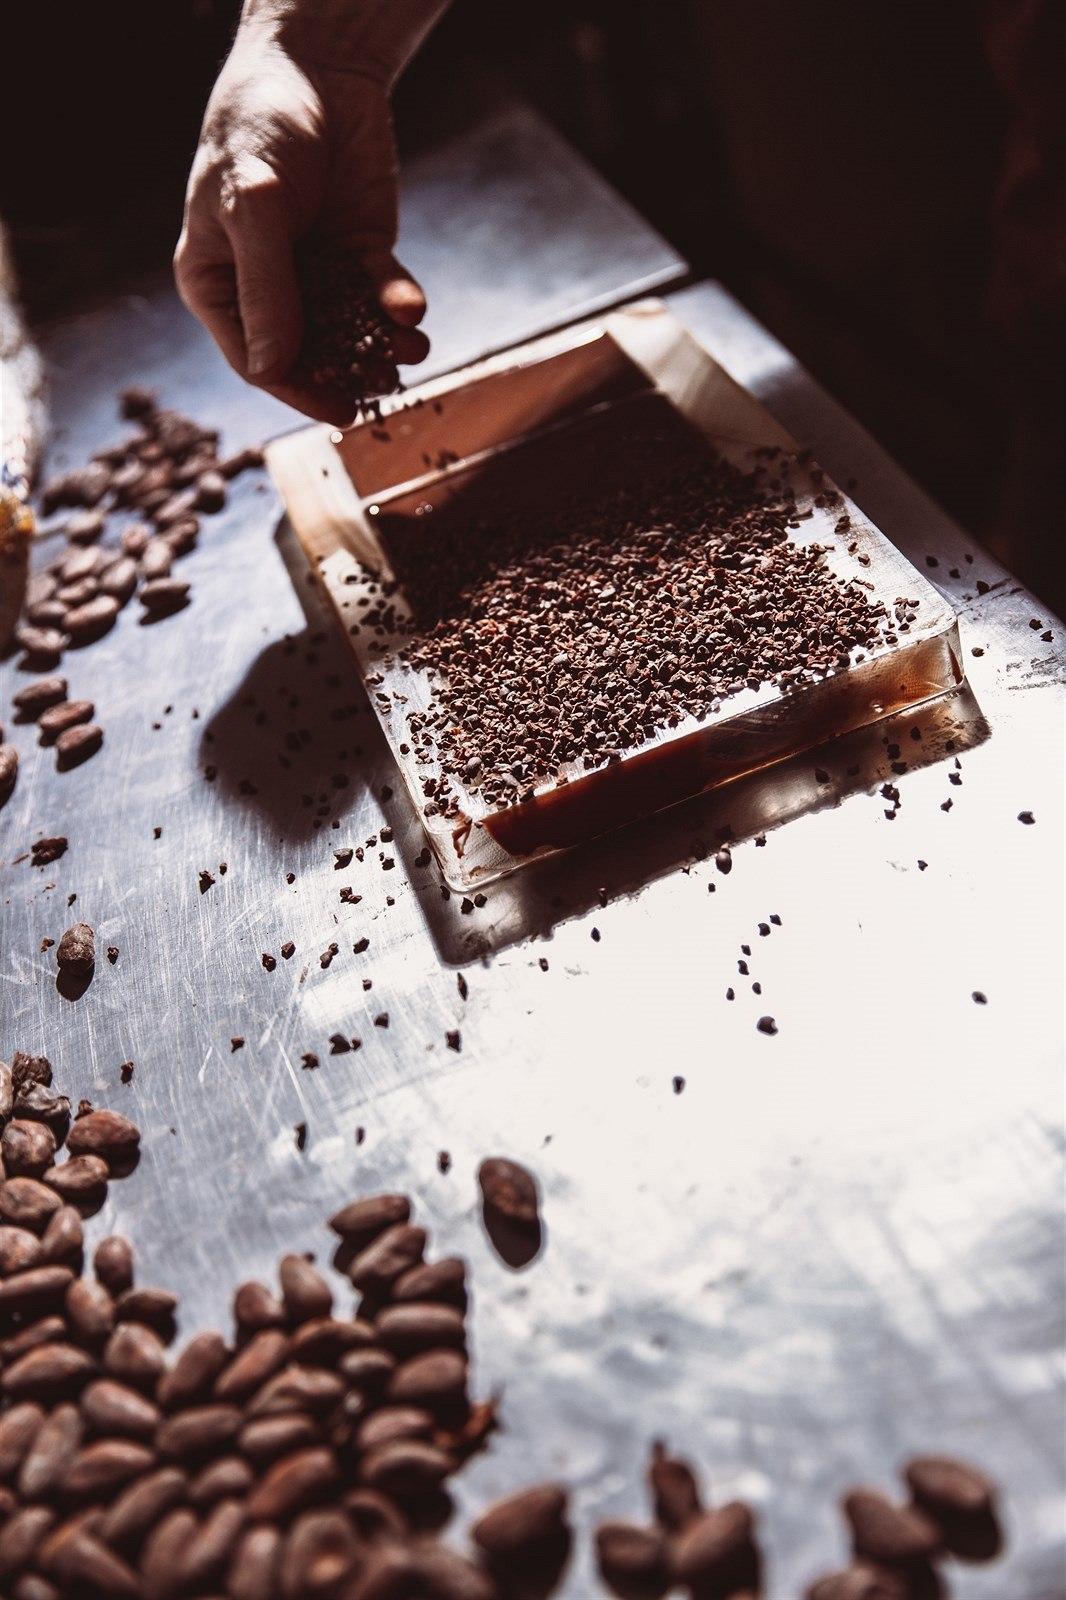 A takhle své čokolády ochucují. Napůl ztuhlá čokoláda se posype příchutěmi, které jí dodají texturu.